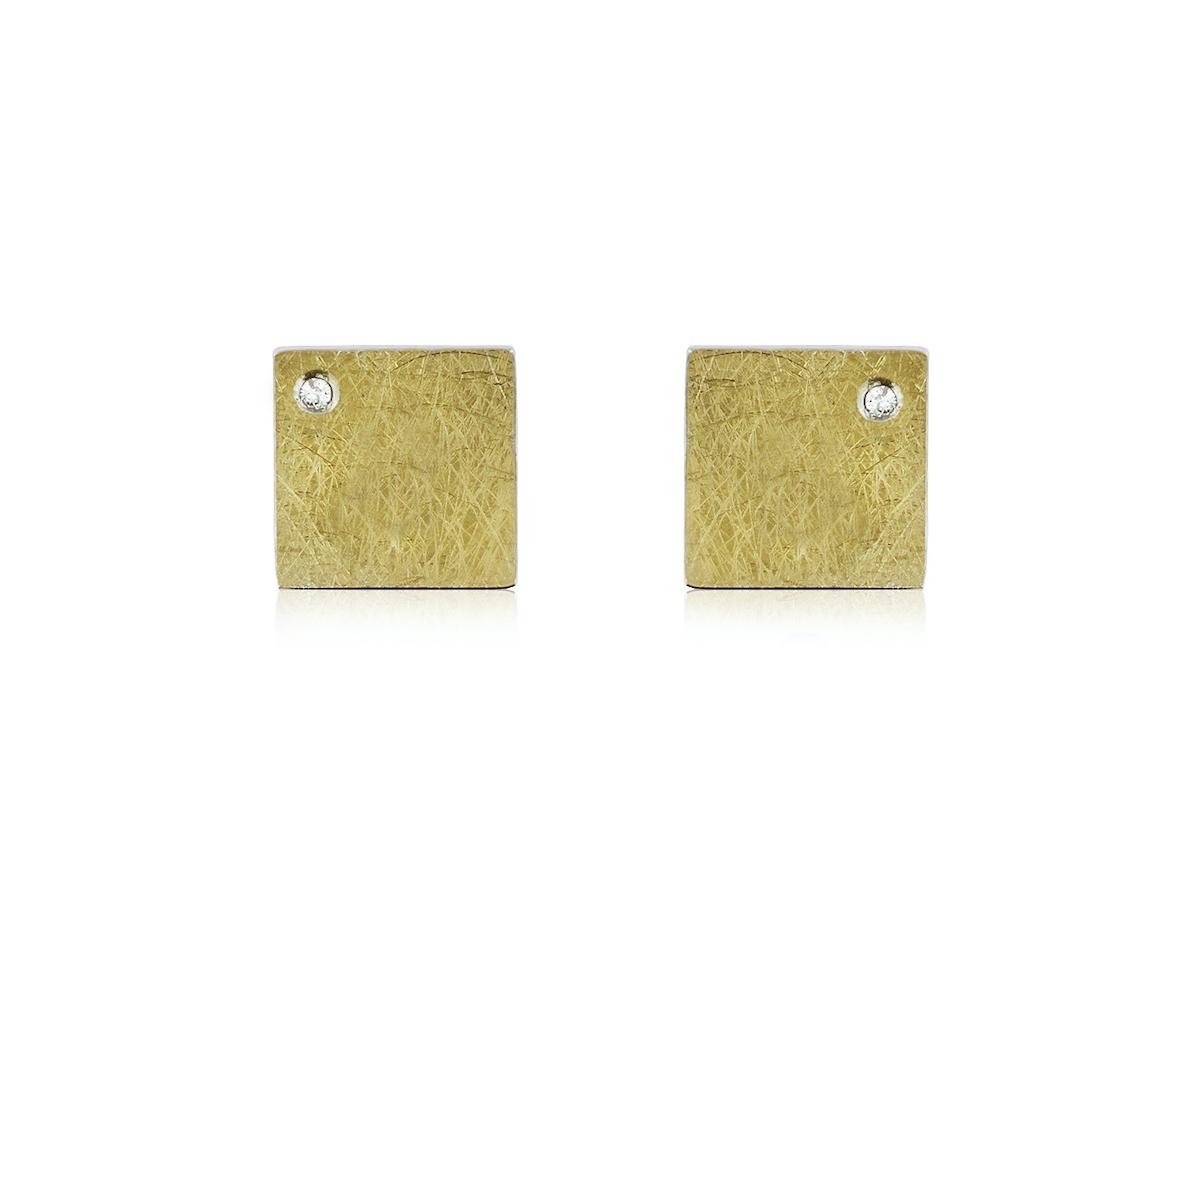 ARRECADES DE PLATA I OR AMB DIAMANTS. E1829D